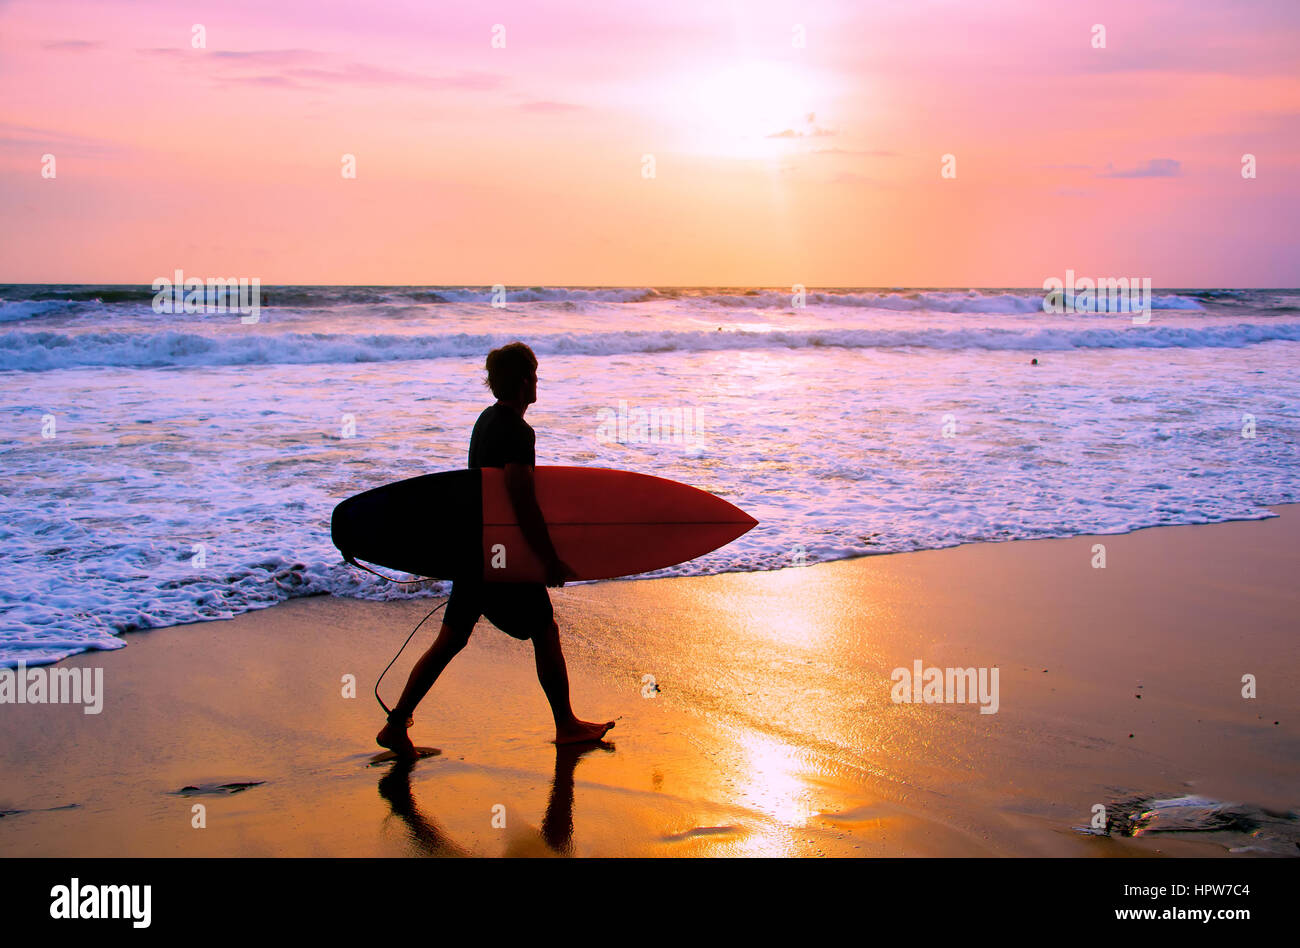 Surfer con surfboard caminando por la playa al atardecer. La isla de Bali, Indonesia Imagen De Stock